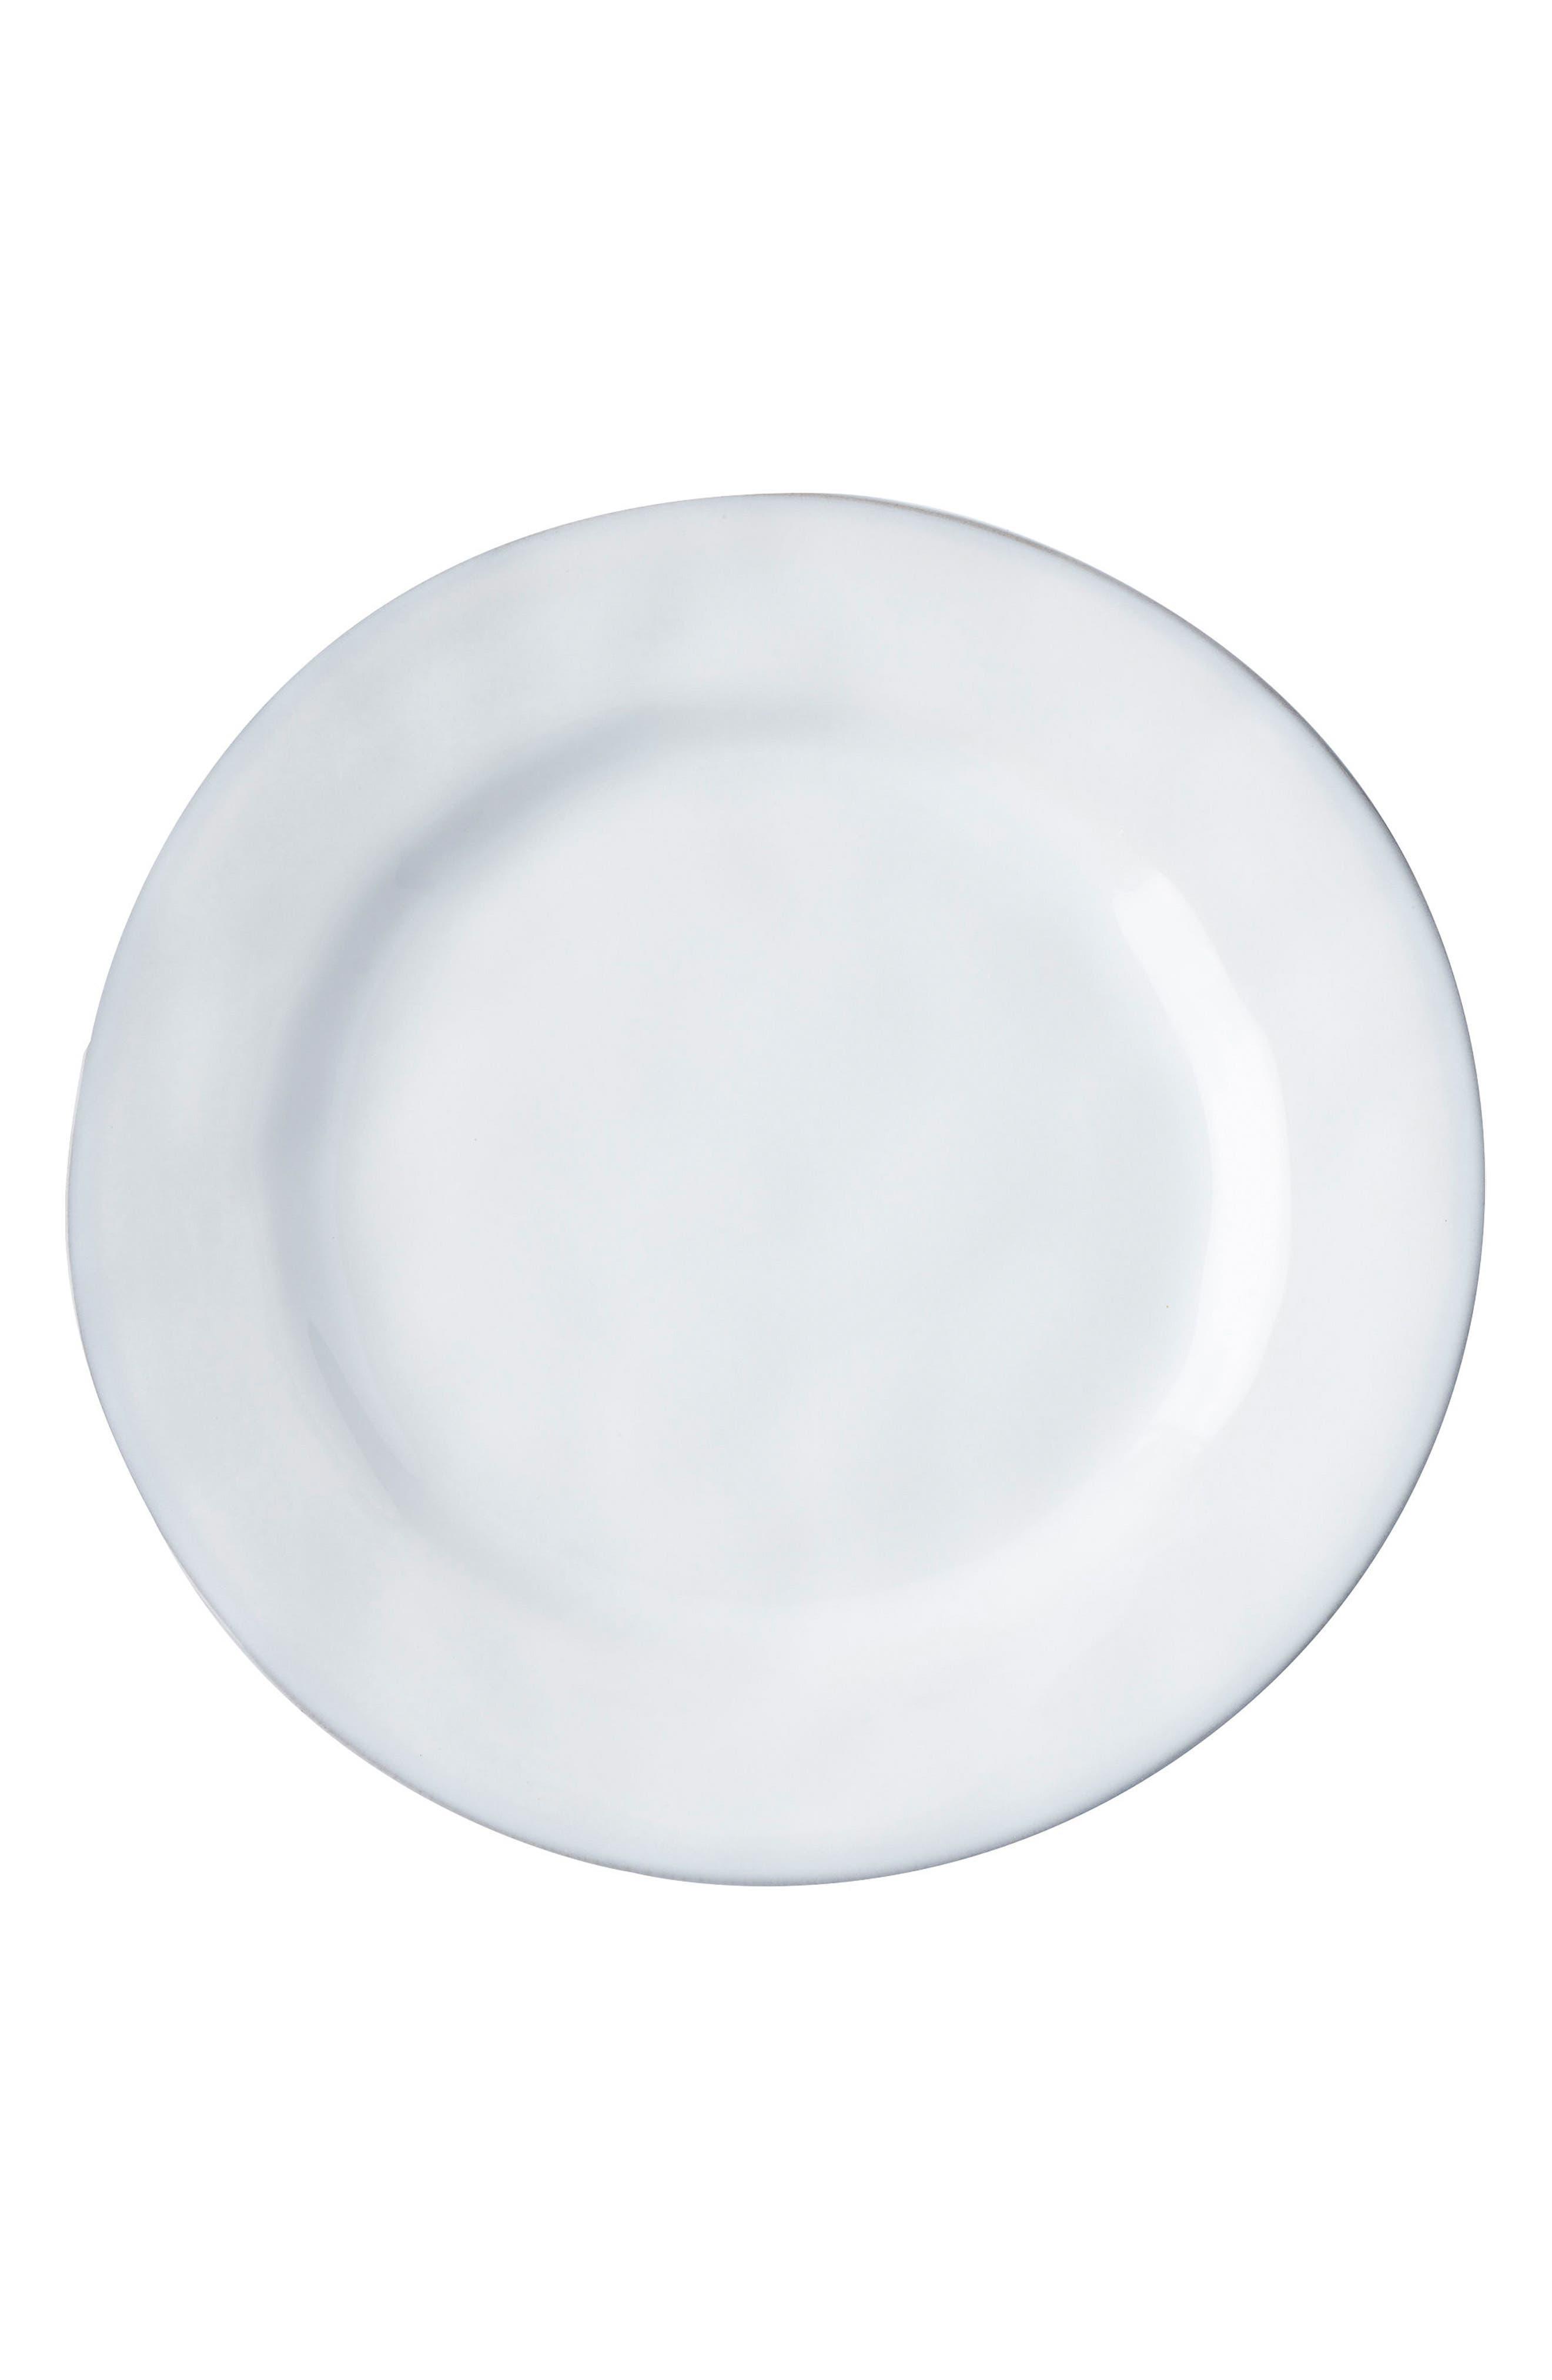 Quotidien White Truffle Dessert/Salad Plate,                             Main thumbnail 1, color,                             White